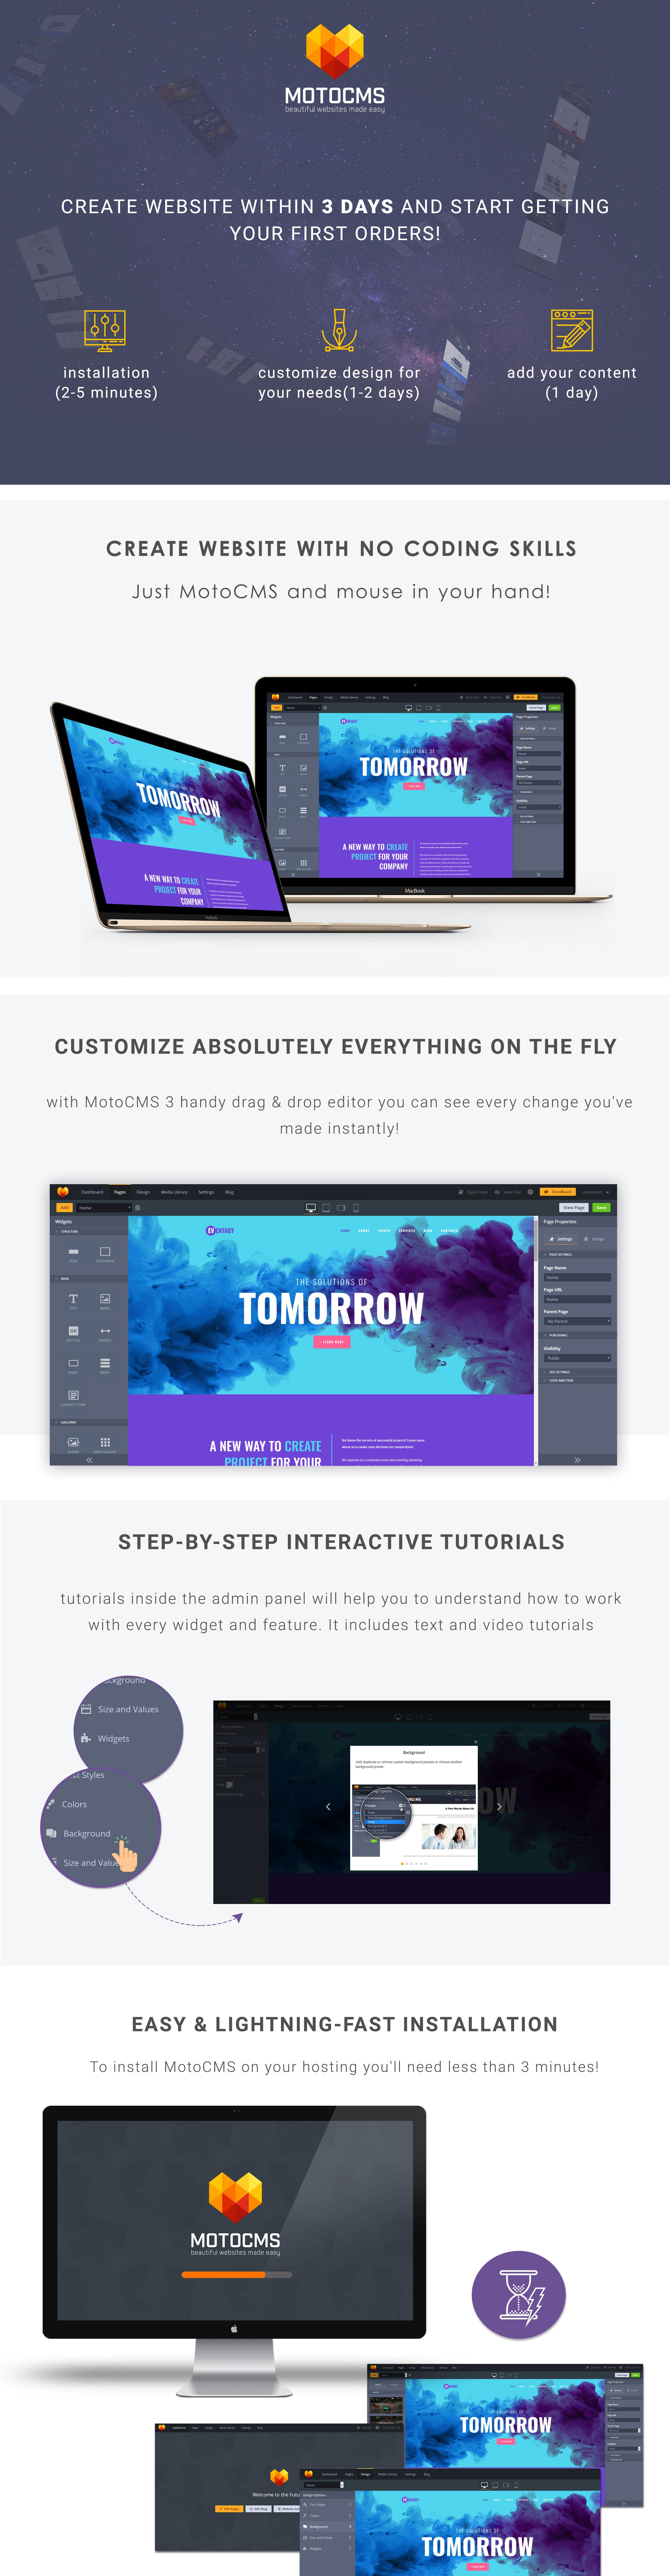 Eventagy - Event Agency Moto CMS 3 Template